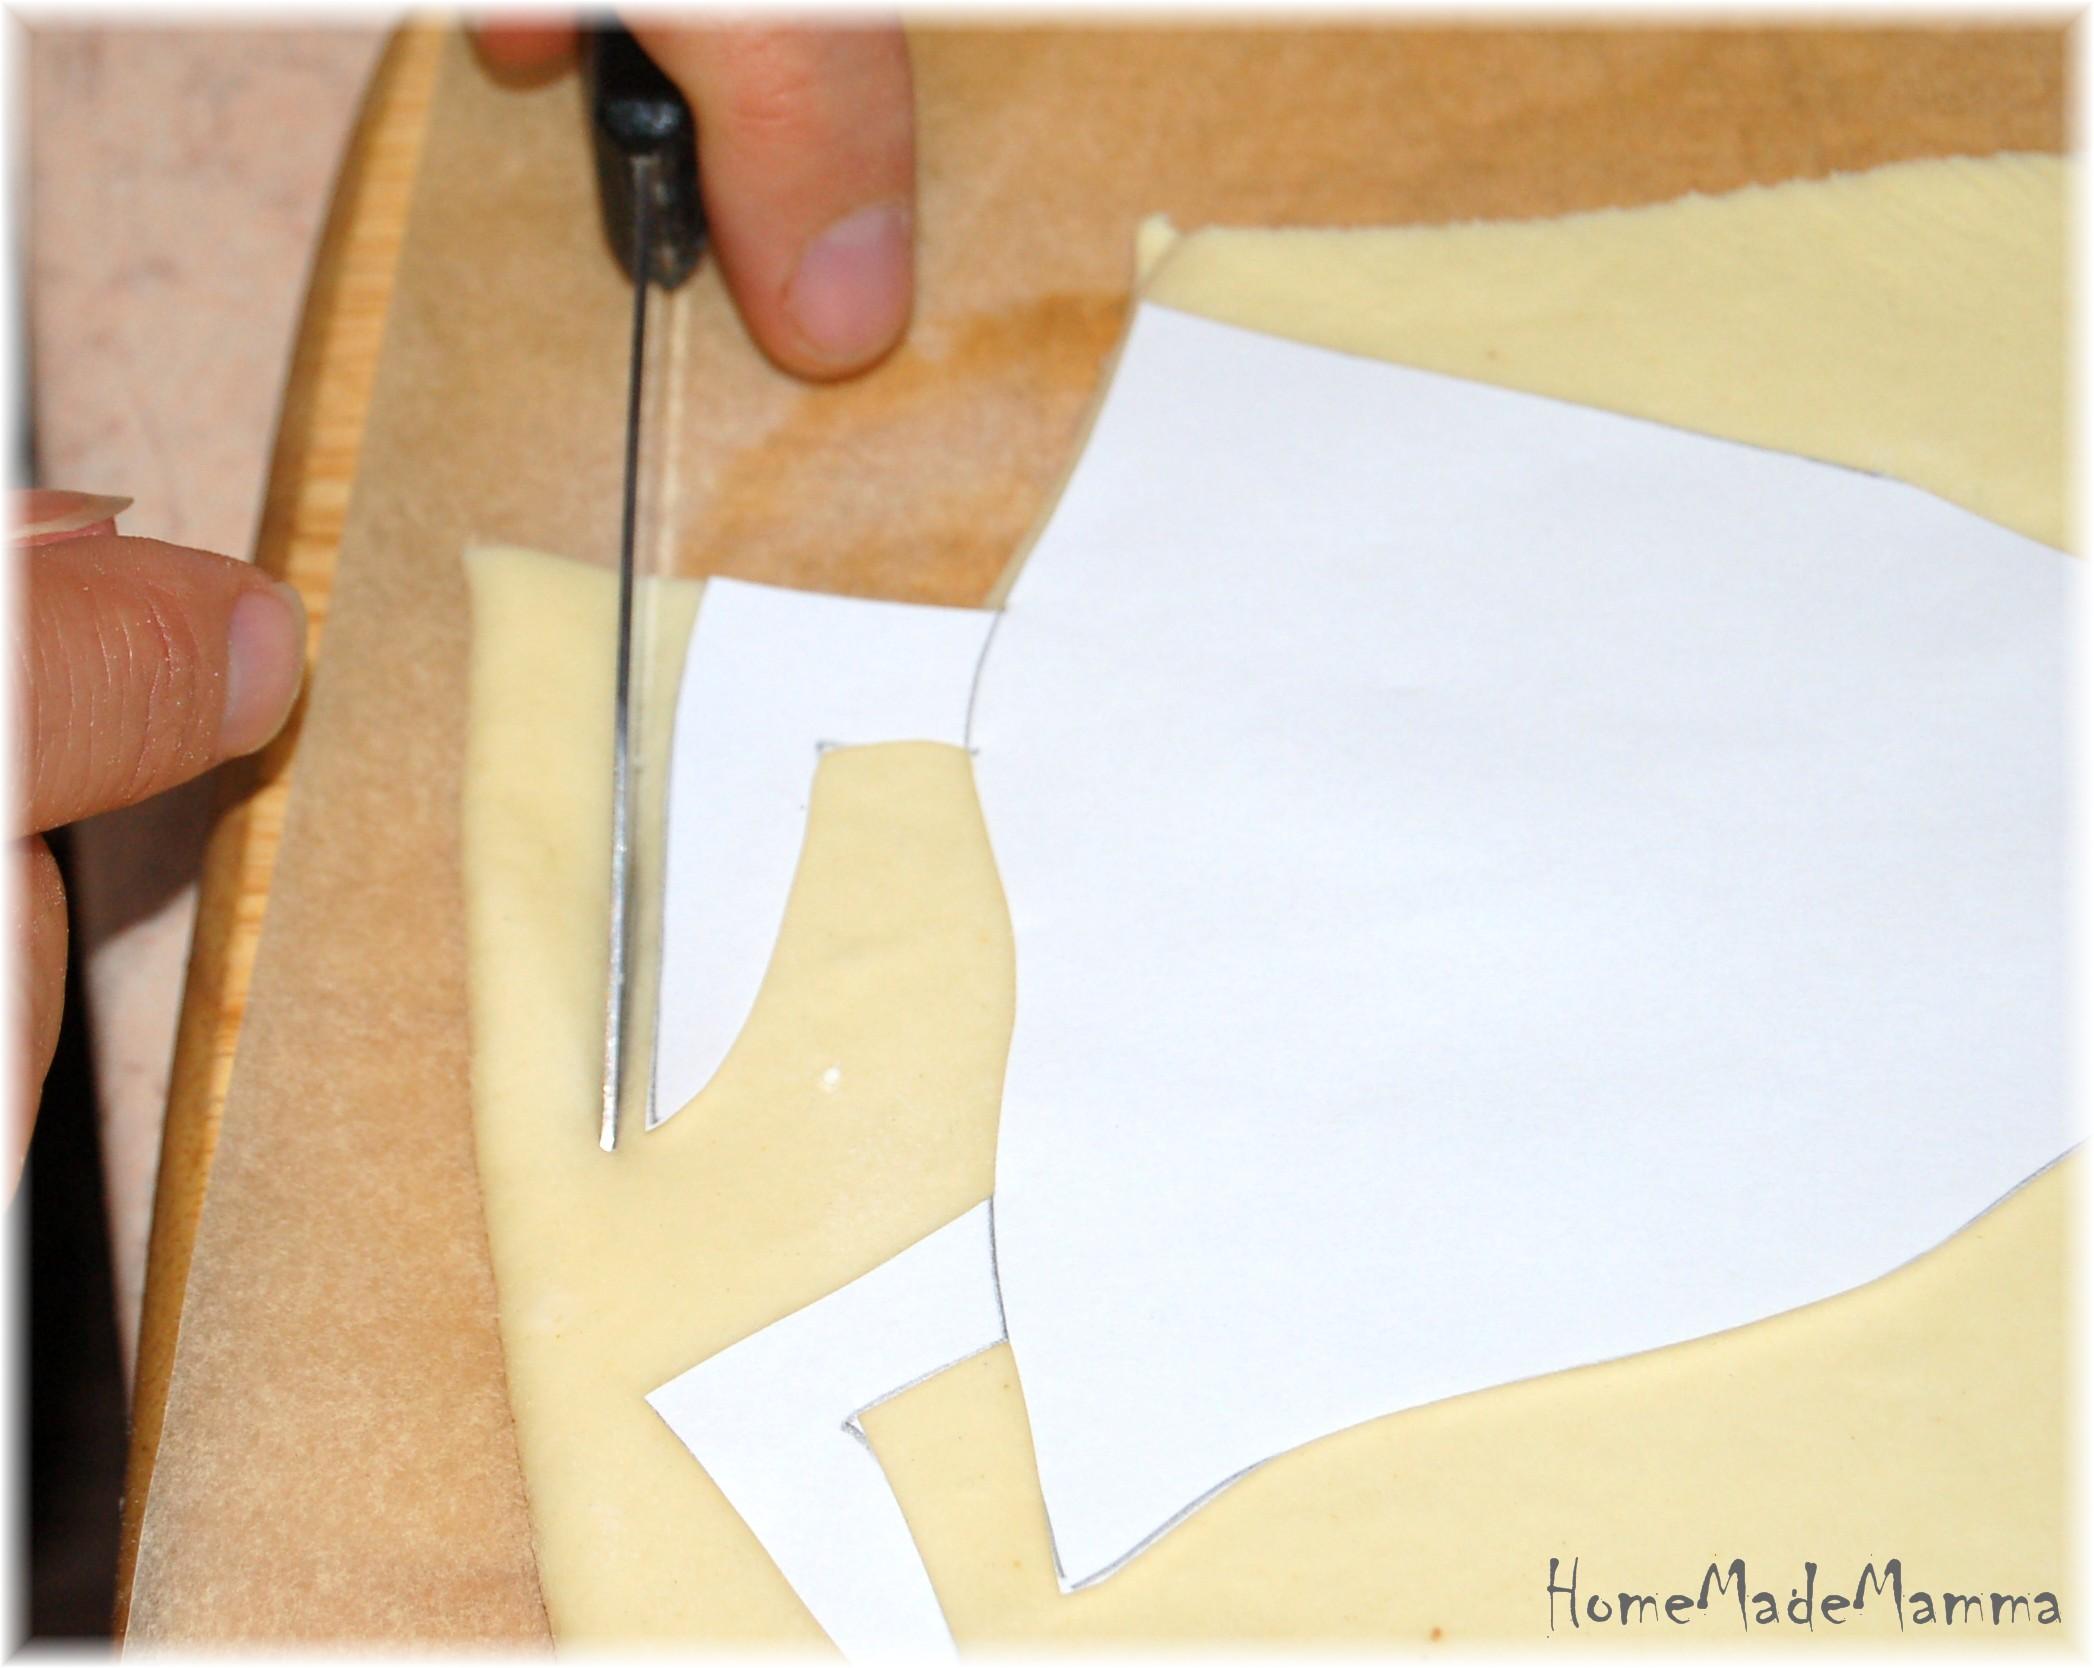 Cucinare i libri la strega al forno di hansel e gretel for Disegni da colorare hansel e gretel